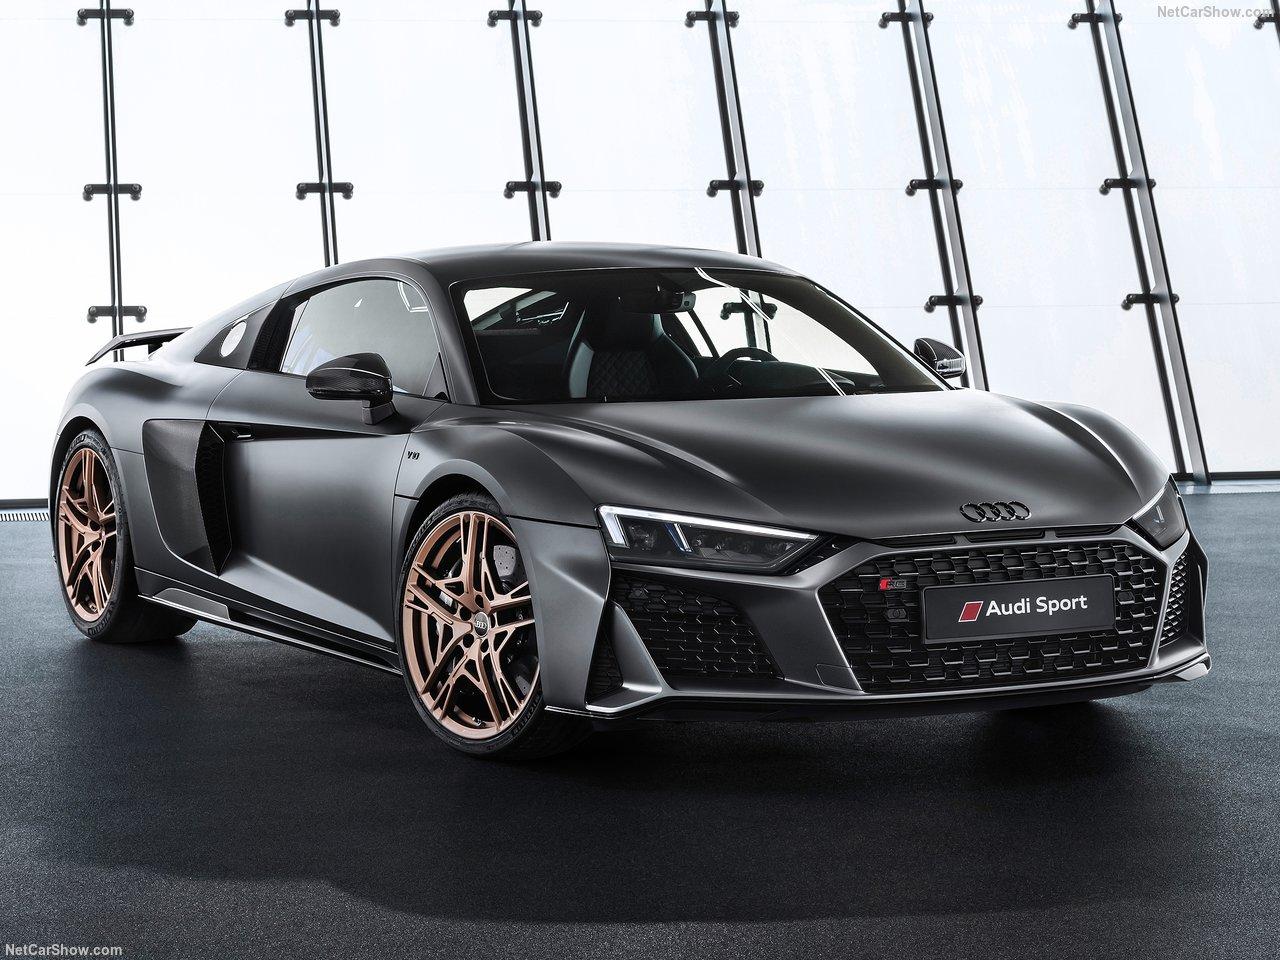 Audi R8 V10 pode ter nova geração híbrida